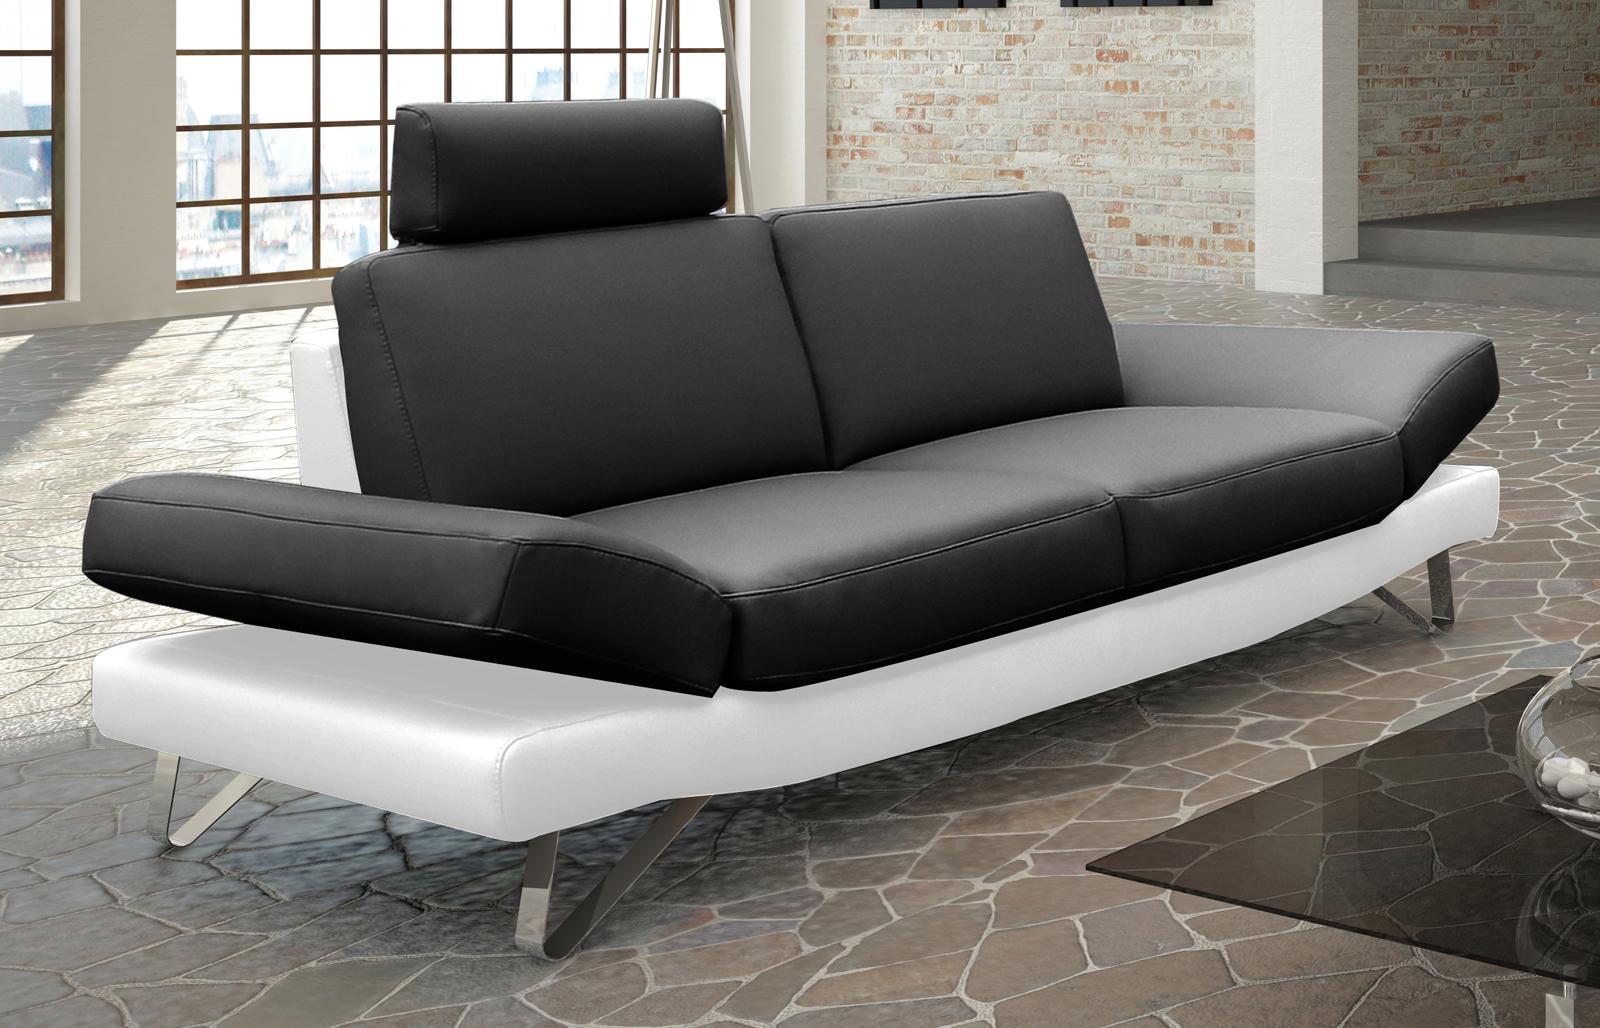 SAM® Design Sofa Garnitur 2 U0026 3 Sitzer Schwarz Weiß CLASSIC Auf Lager !